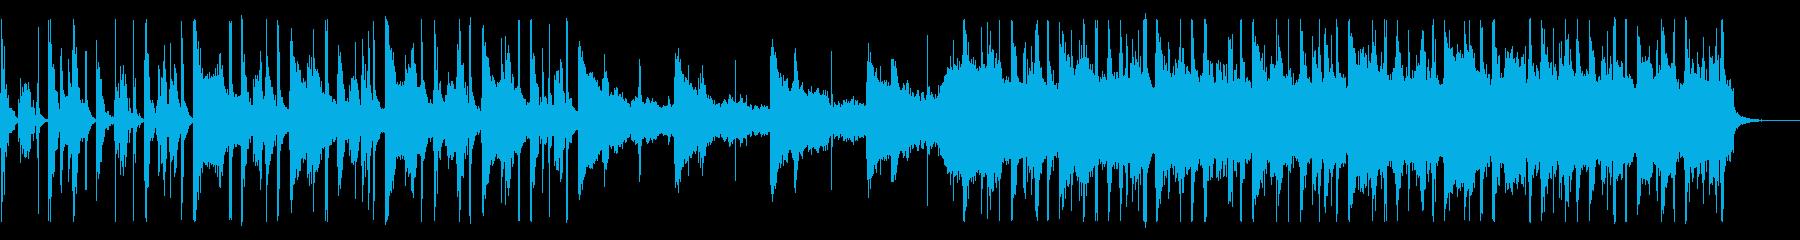 ボディパーカッションを使ったロックの再生済みの波形